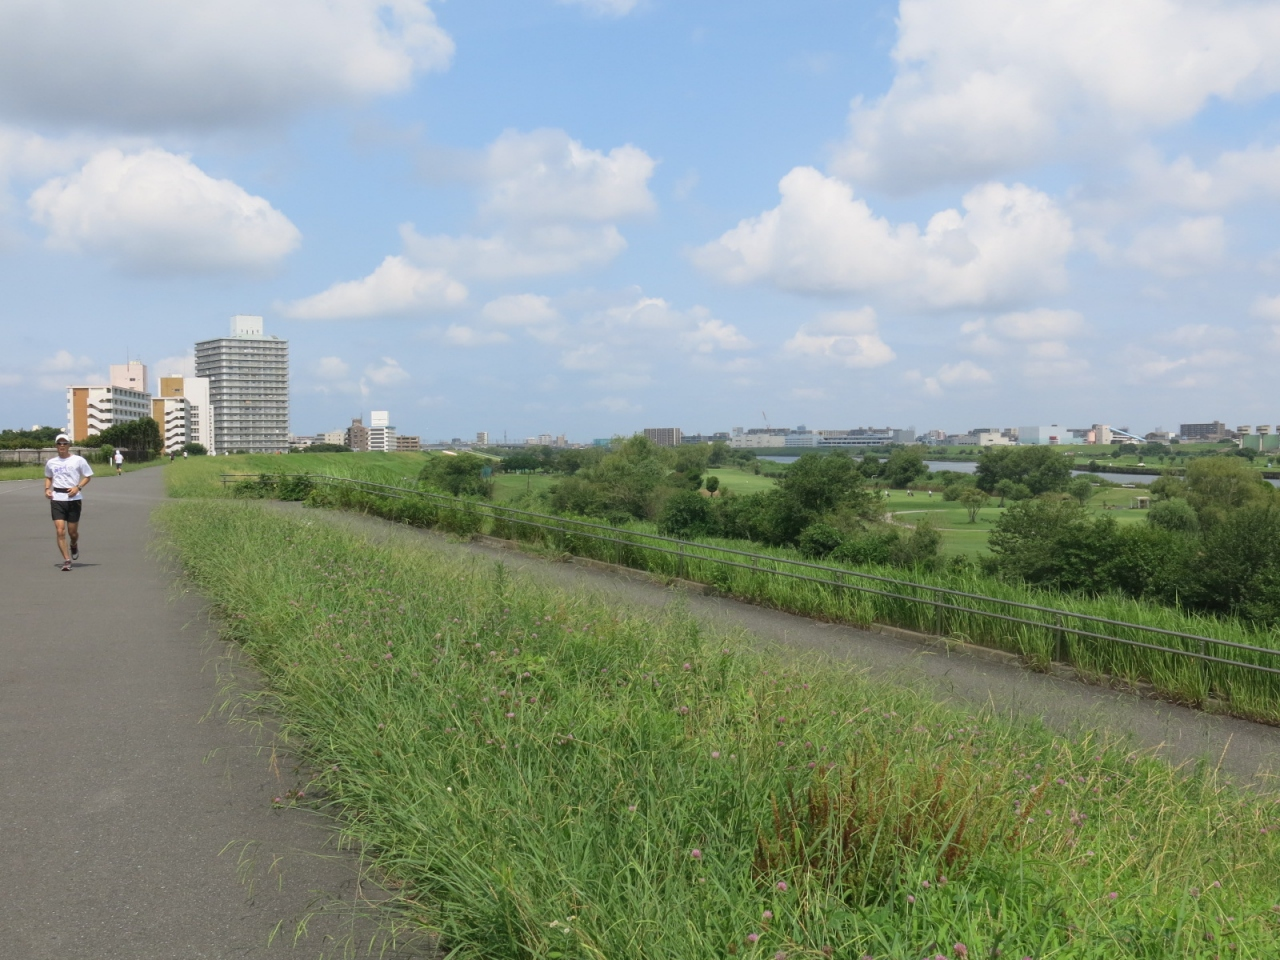 えきぽで散策@赤羽駅 ~夏空の...